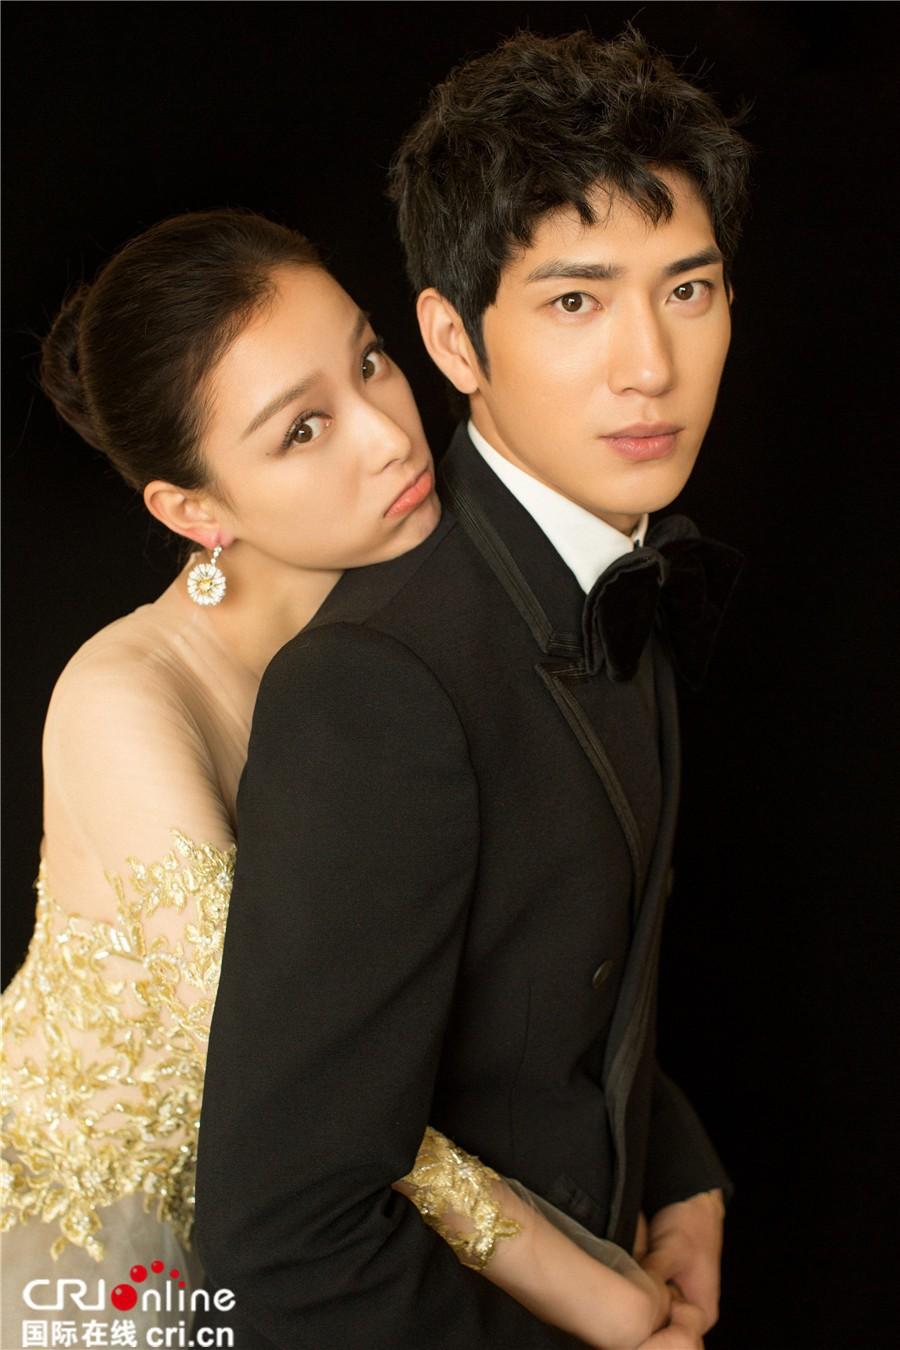 Nghê Ni trở thành cô gái đáng thương nhất ngày hôm nay vì Phùng Thiệu Phong kết hôn với Triệu Lệ Dĩnh - Ảnh 4.